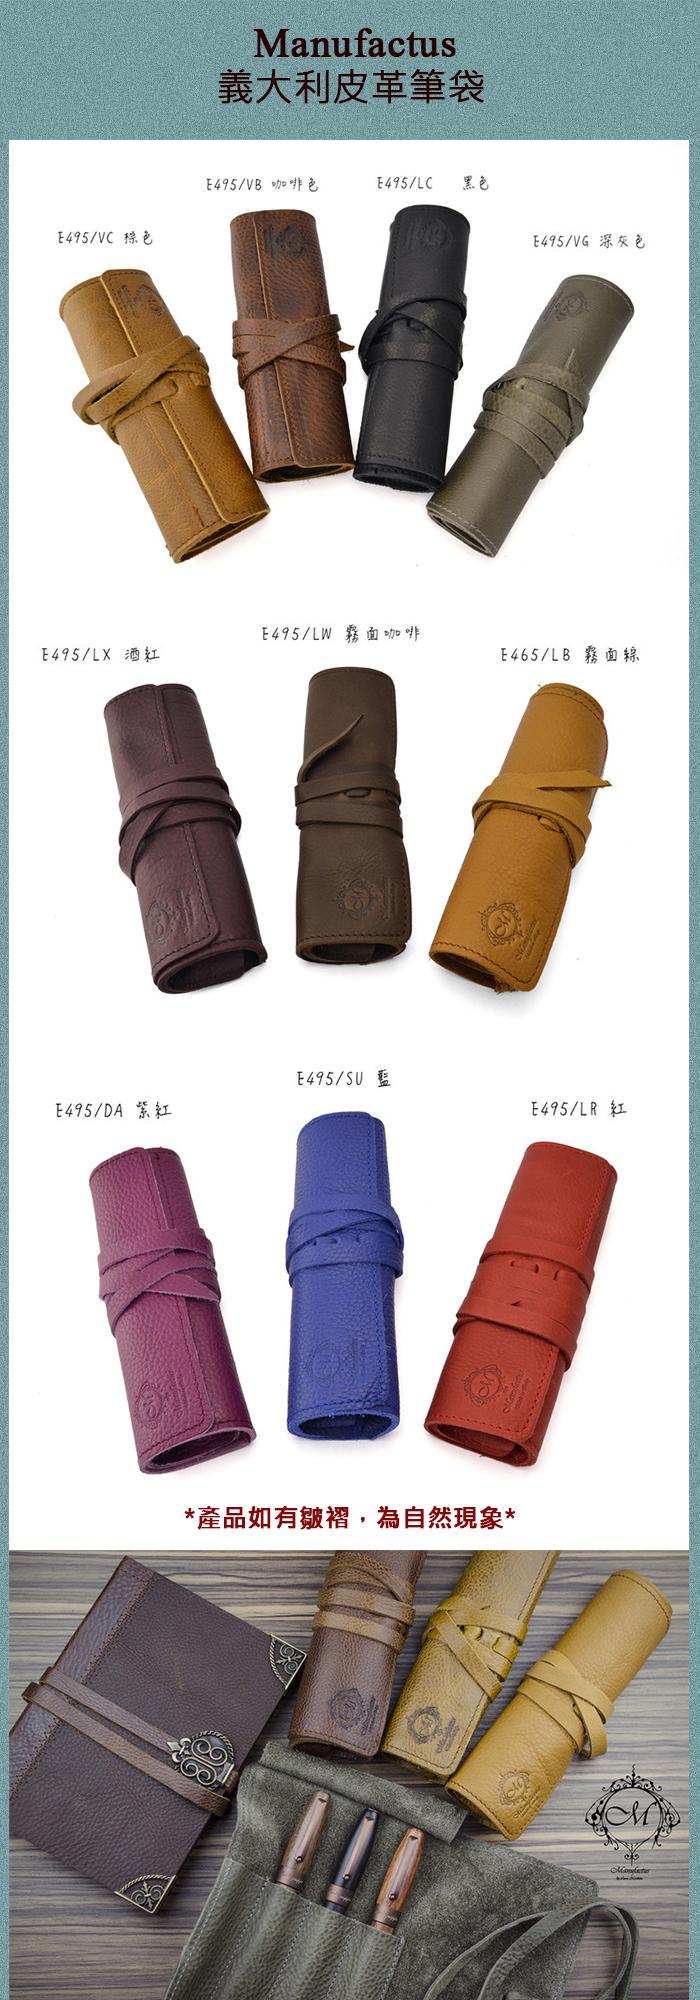 Manufactus │ 義大利皮革筆袋-4格裝(霧面咖啡/霧面棕) - E495